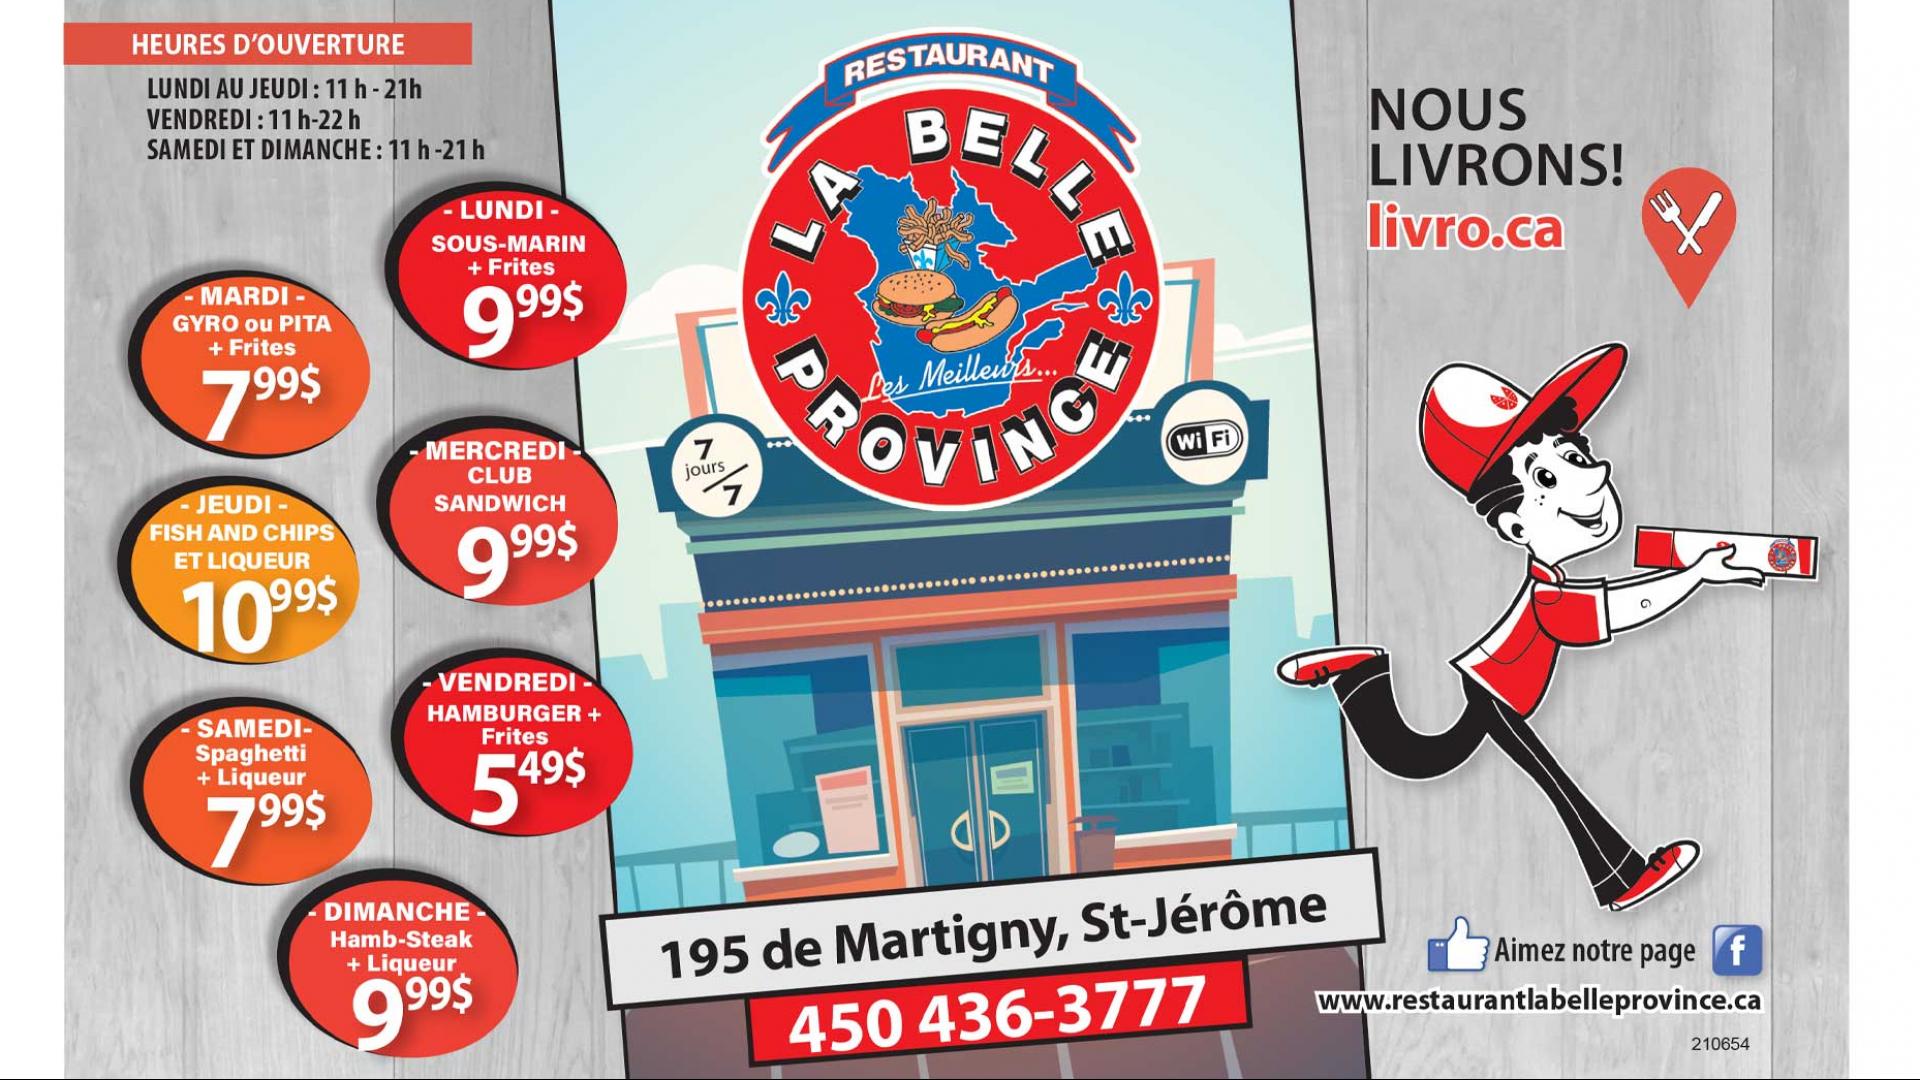 banniere-restaurant-la-belle-province-st-jerome-2020.png